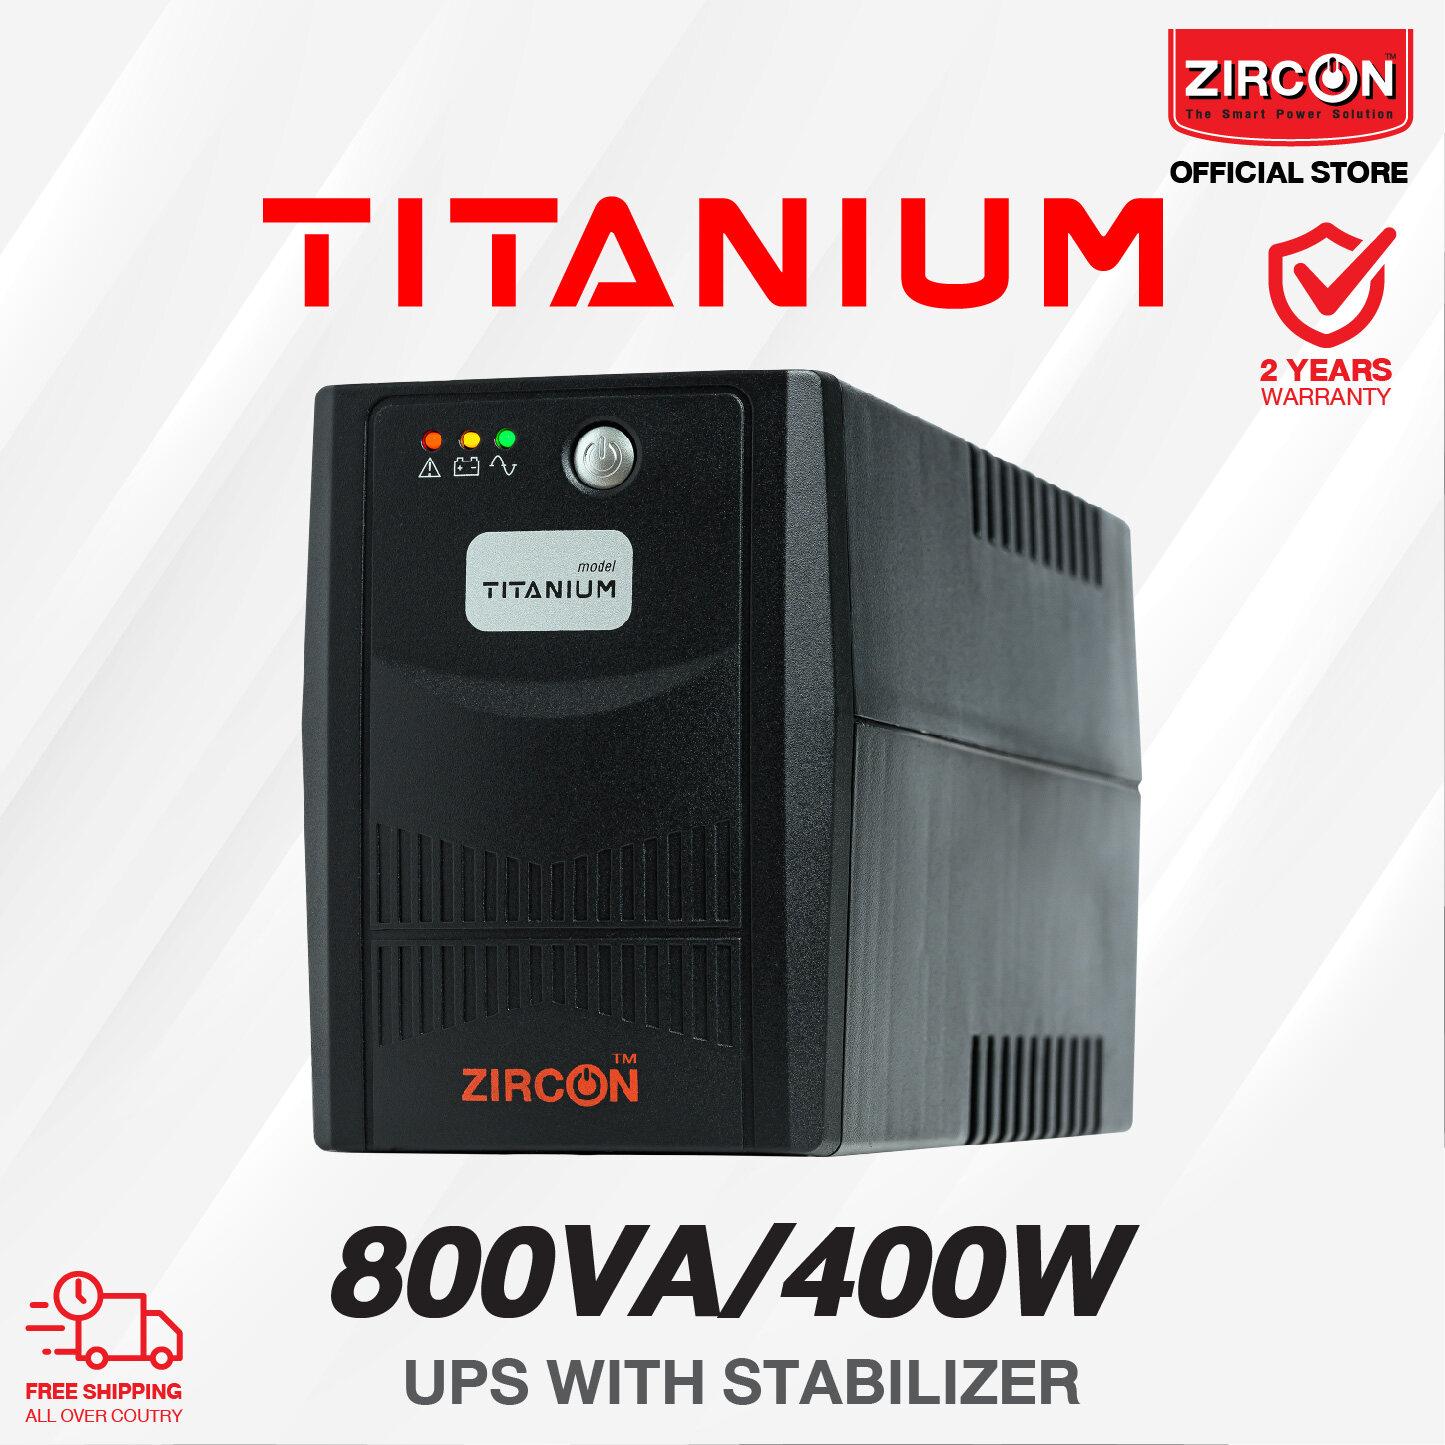 Zircon เครื่องสำรองไฟ (ups) รุ่น Titanium 800va/400w รับประกัน 2ปี เครื่องมีปัญหาเปลียนตัวใหม่ภายใน 7วัน.